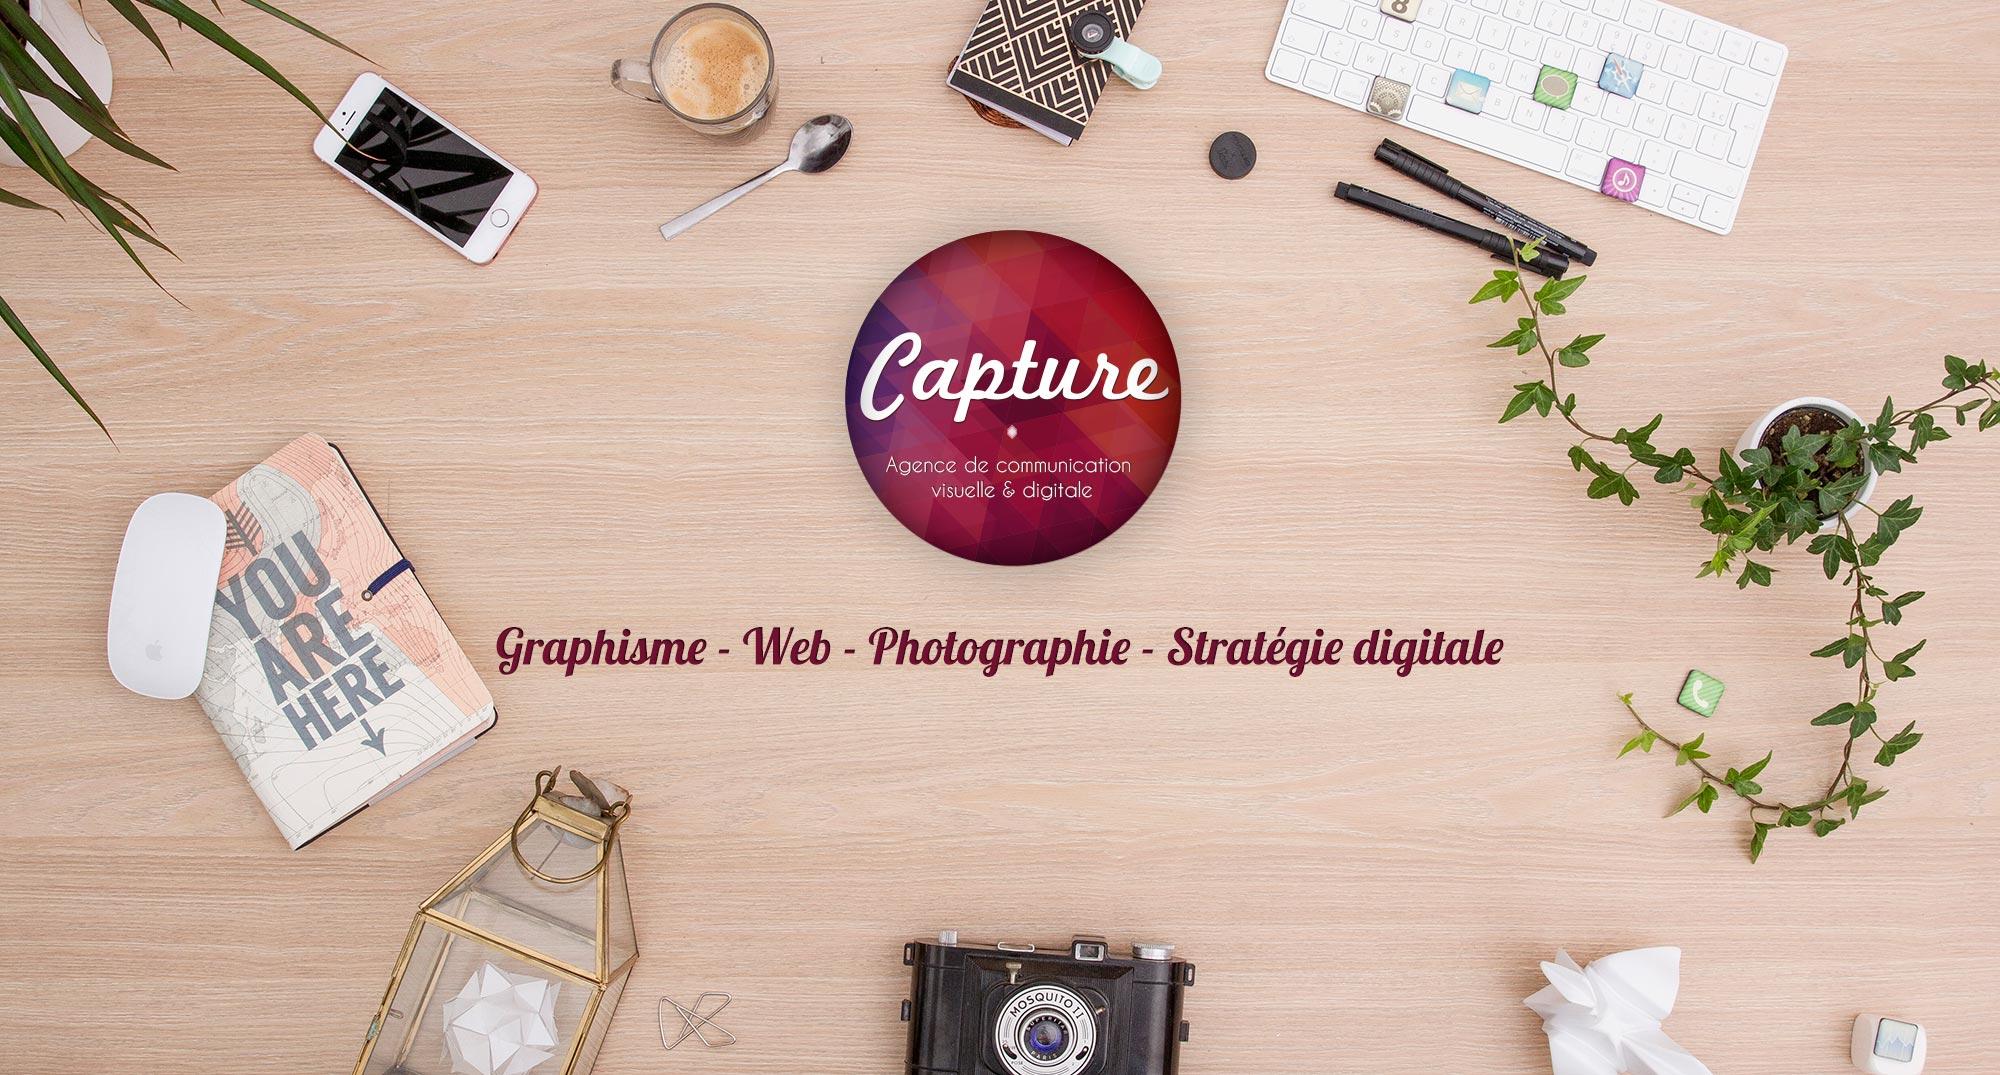 capture communication agence de communication visuelle digitale caen normandie txt